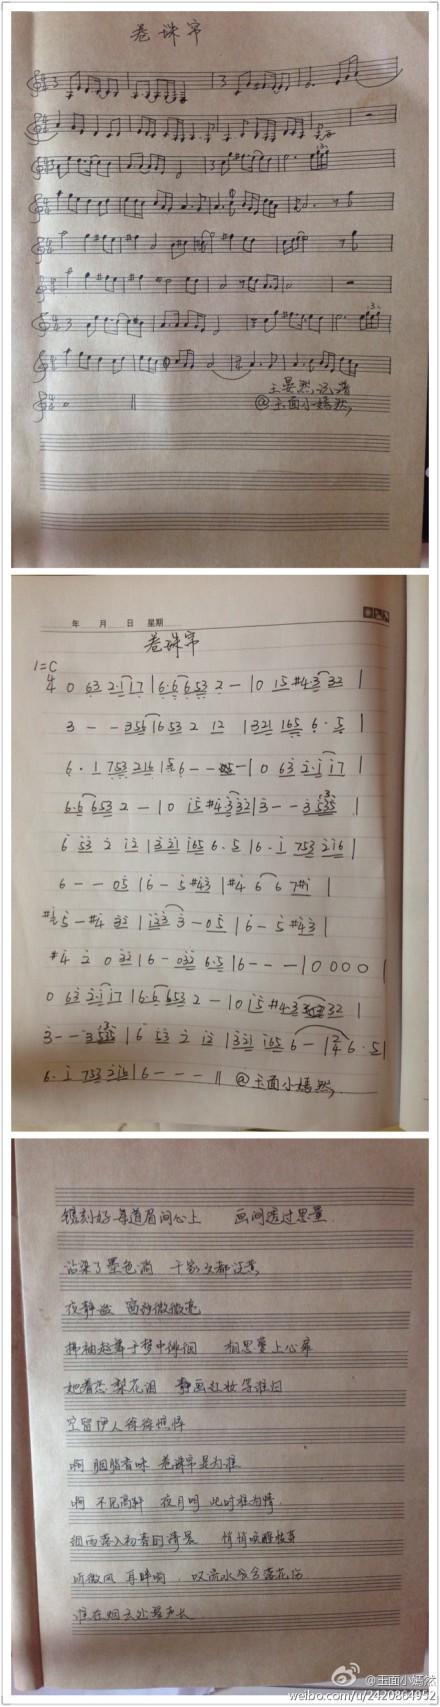 卷珠帘(玉面小嫣然 改编) - 流行古筝曲谱 - 中国古筝